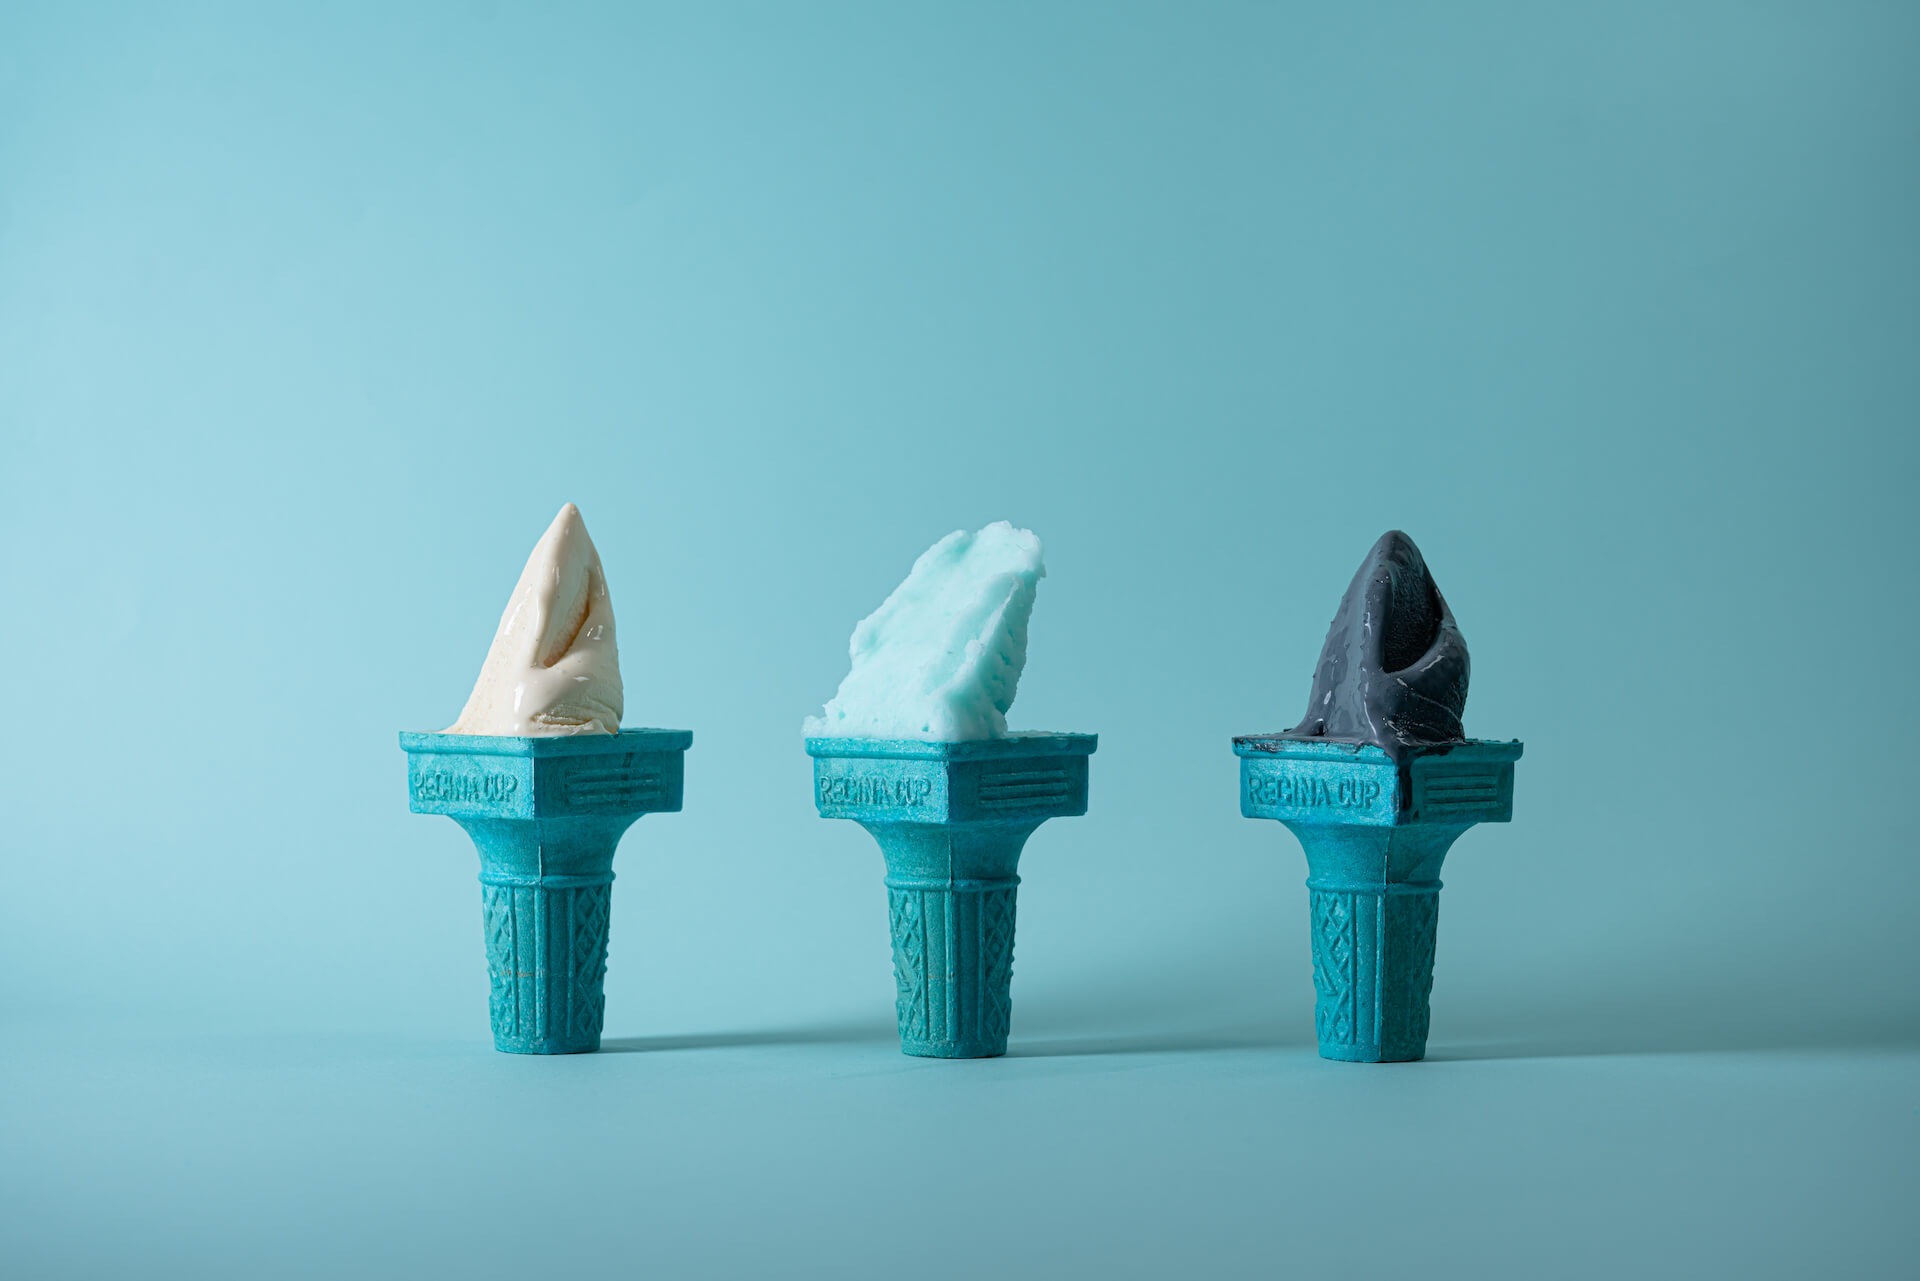 米津玄師『Pale Blue』の楽曲をイメージしたジェラートが期間限定ショップ「Pale Blue Melt」で発売決定! gourmet210827_yonezukenshi_3